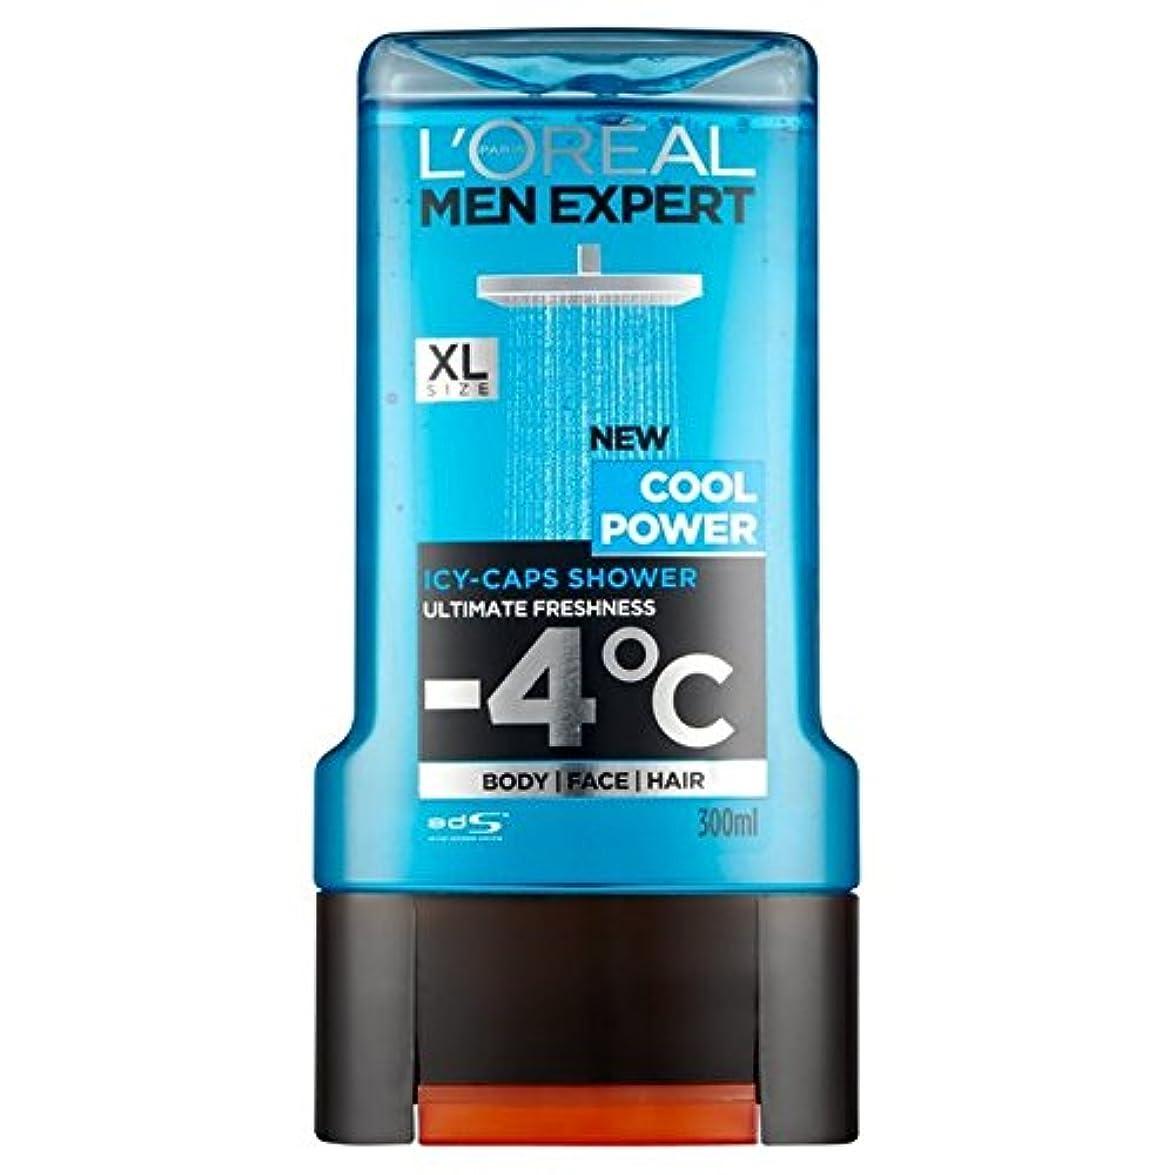 うがい薬世界に死んだいくつかのL'Oreal Paris Men Expert Cool Power Shower Gel 300ml - ロレアルパリの男性の専門家のクールなパワーシャワージェル300ミリリットル [並行輸入品]